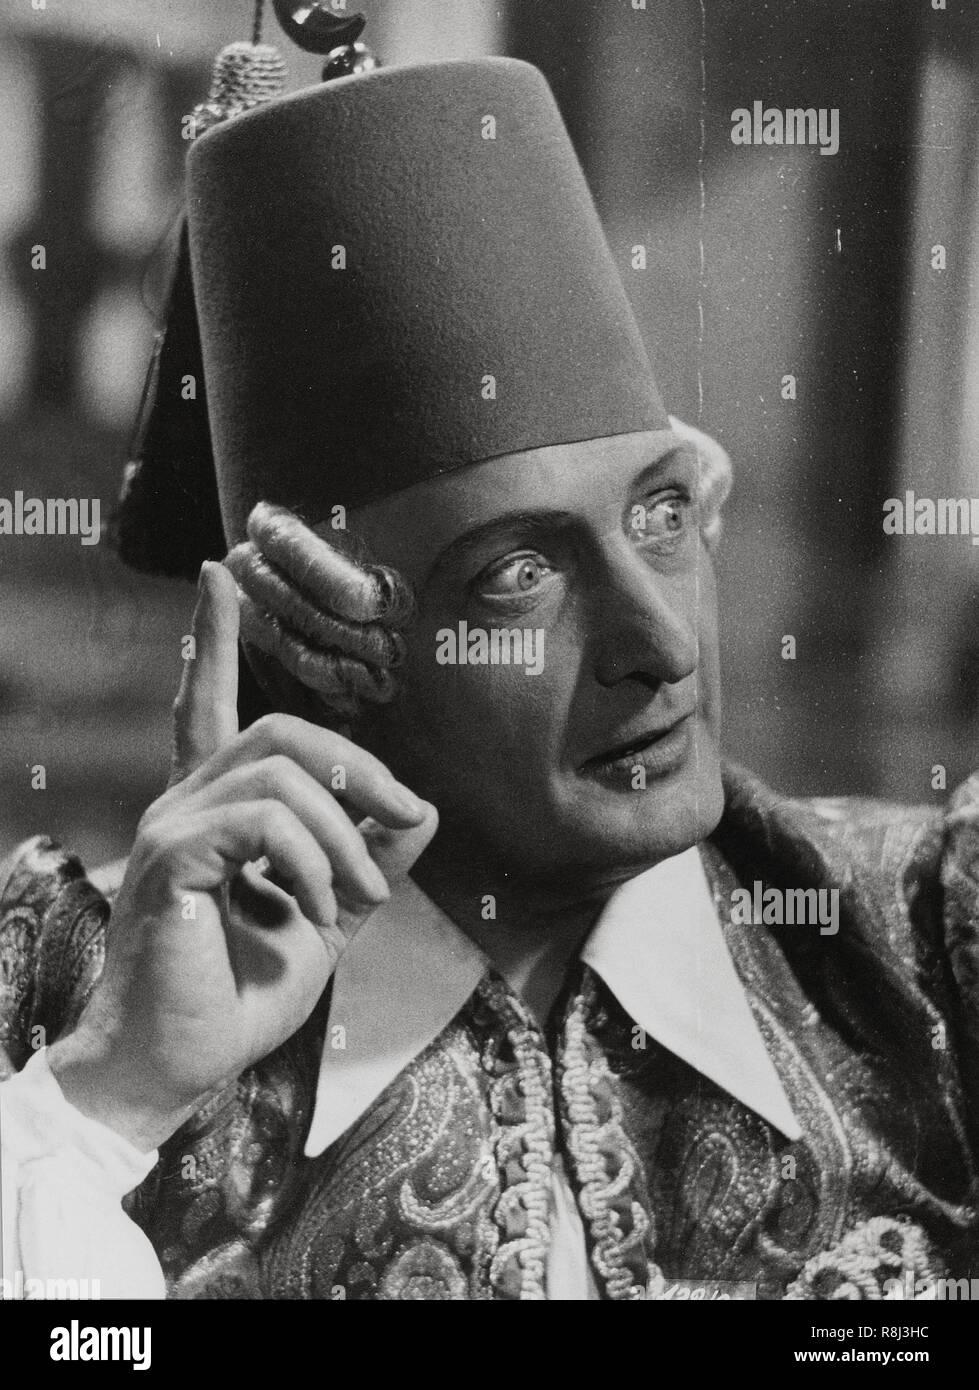 El título de la película original: MUNCHHAUSEN. Título en inglés: MUNCHHAUSEN. Año: 1943. Director: Josef von Bakú. Estrellas: Hans Albers. Crédito: U.F.A / Álbum Foto de stock